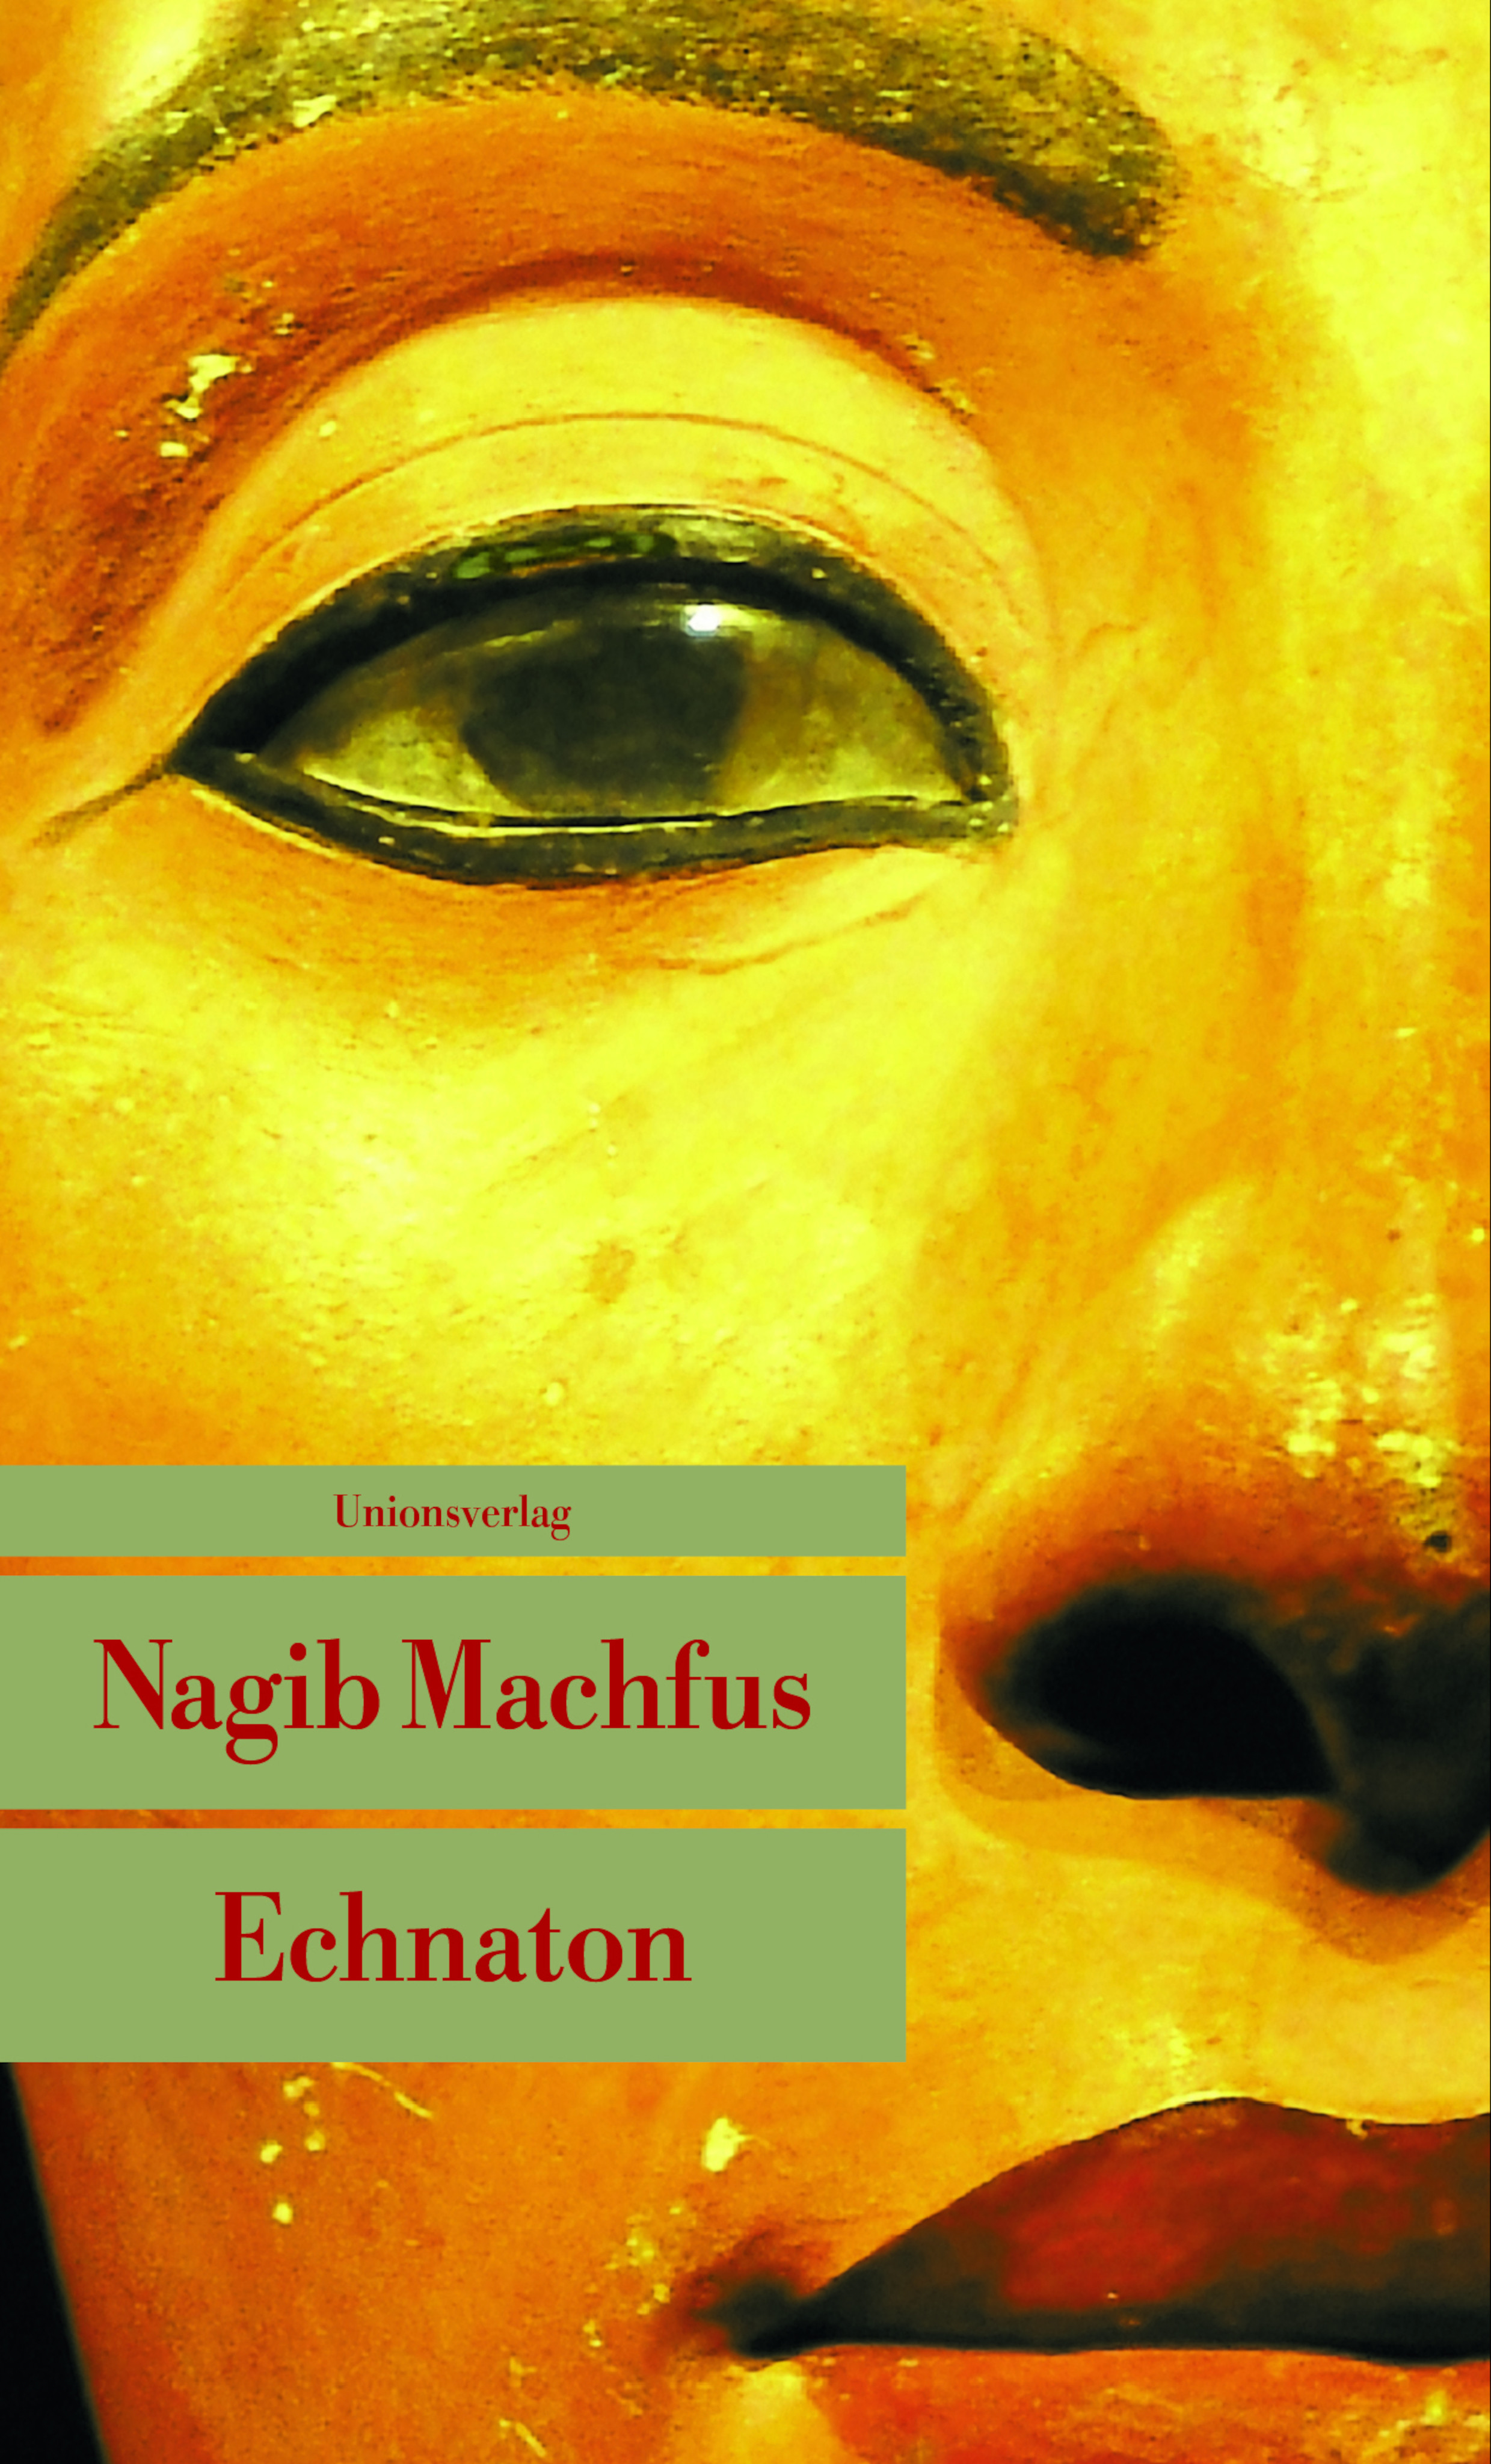 Echnaton, Nagib Machfus